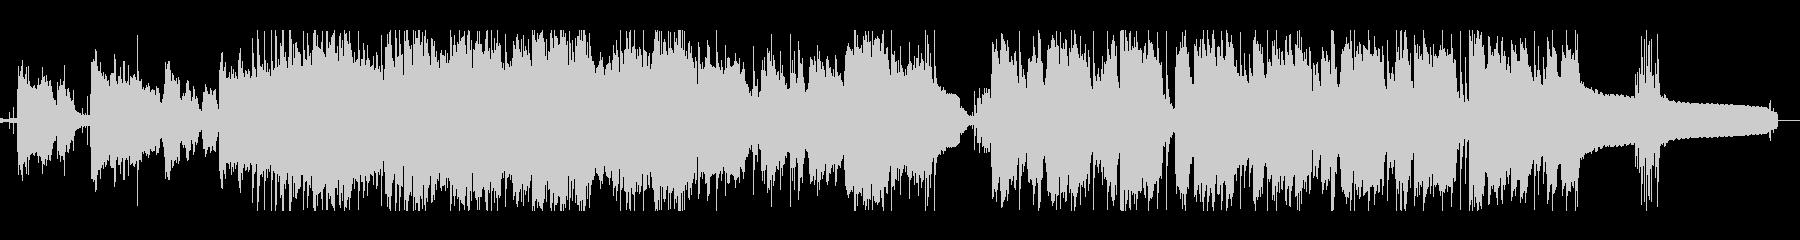 ドリームランドの未再生の波形